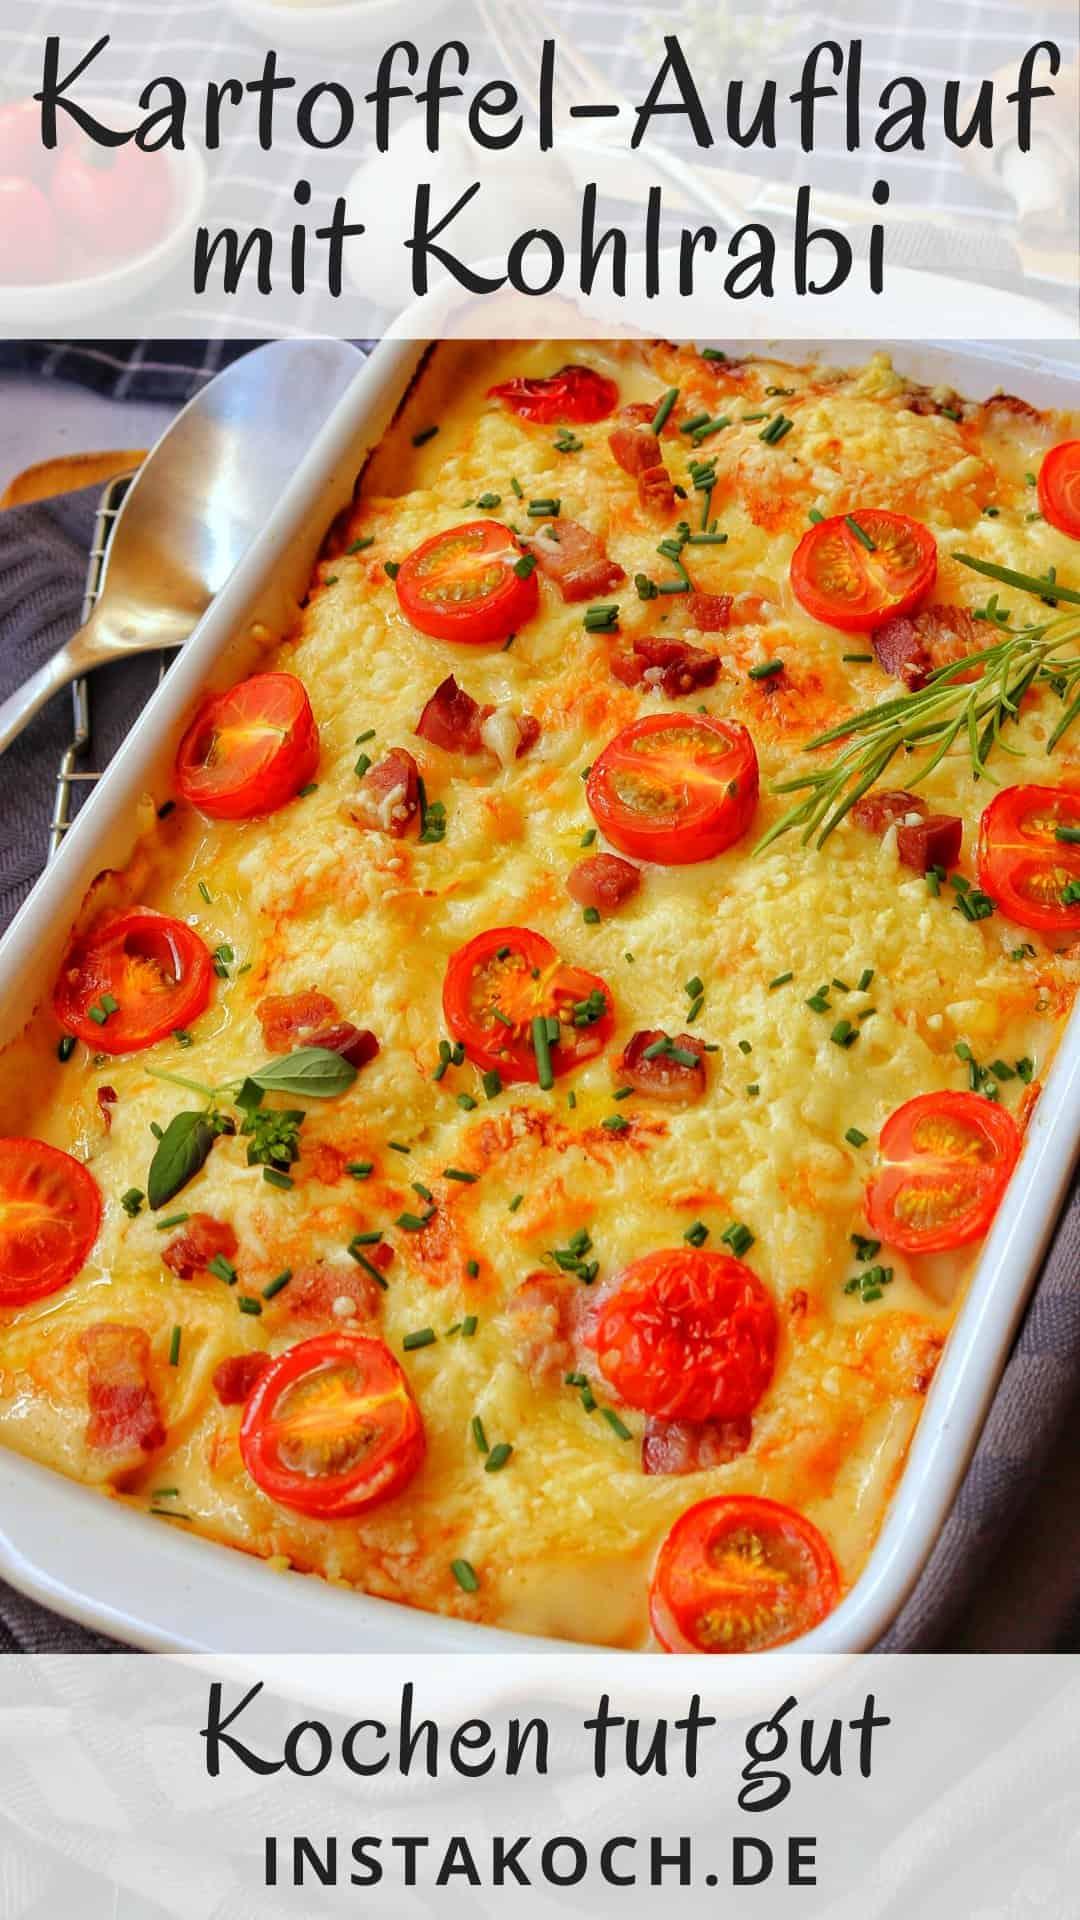 Eine weisse Auflaufform mit Kartoffel-Kohlrabi-Gratin mit Tomaten.